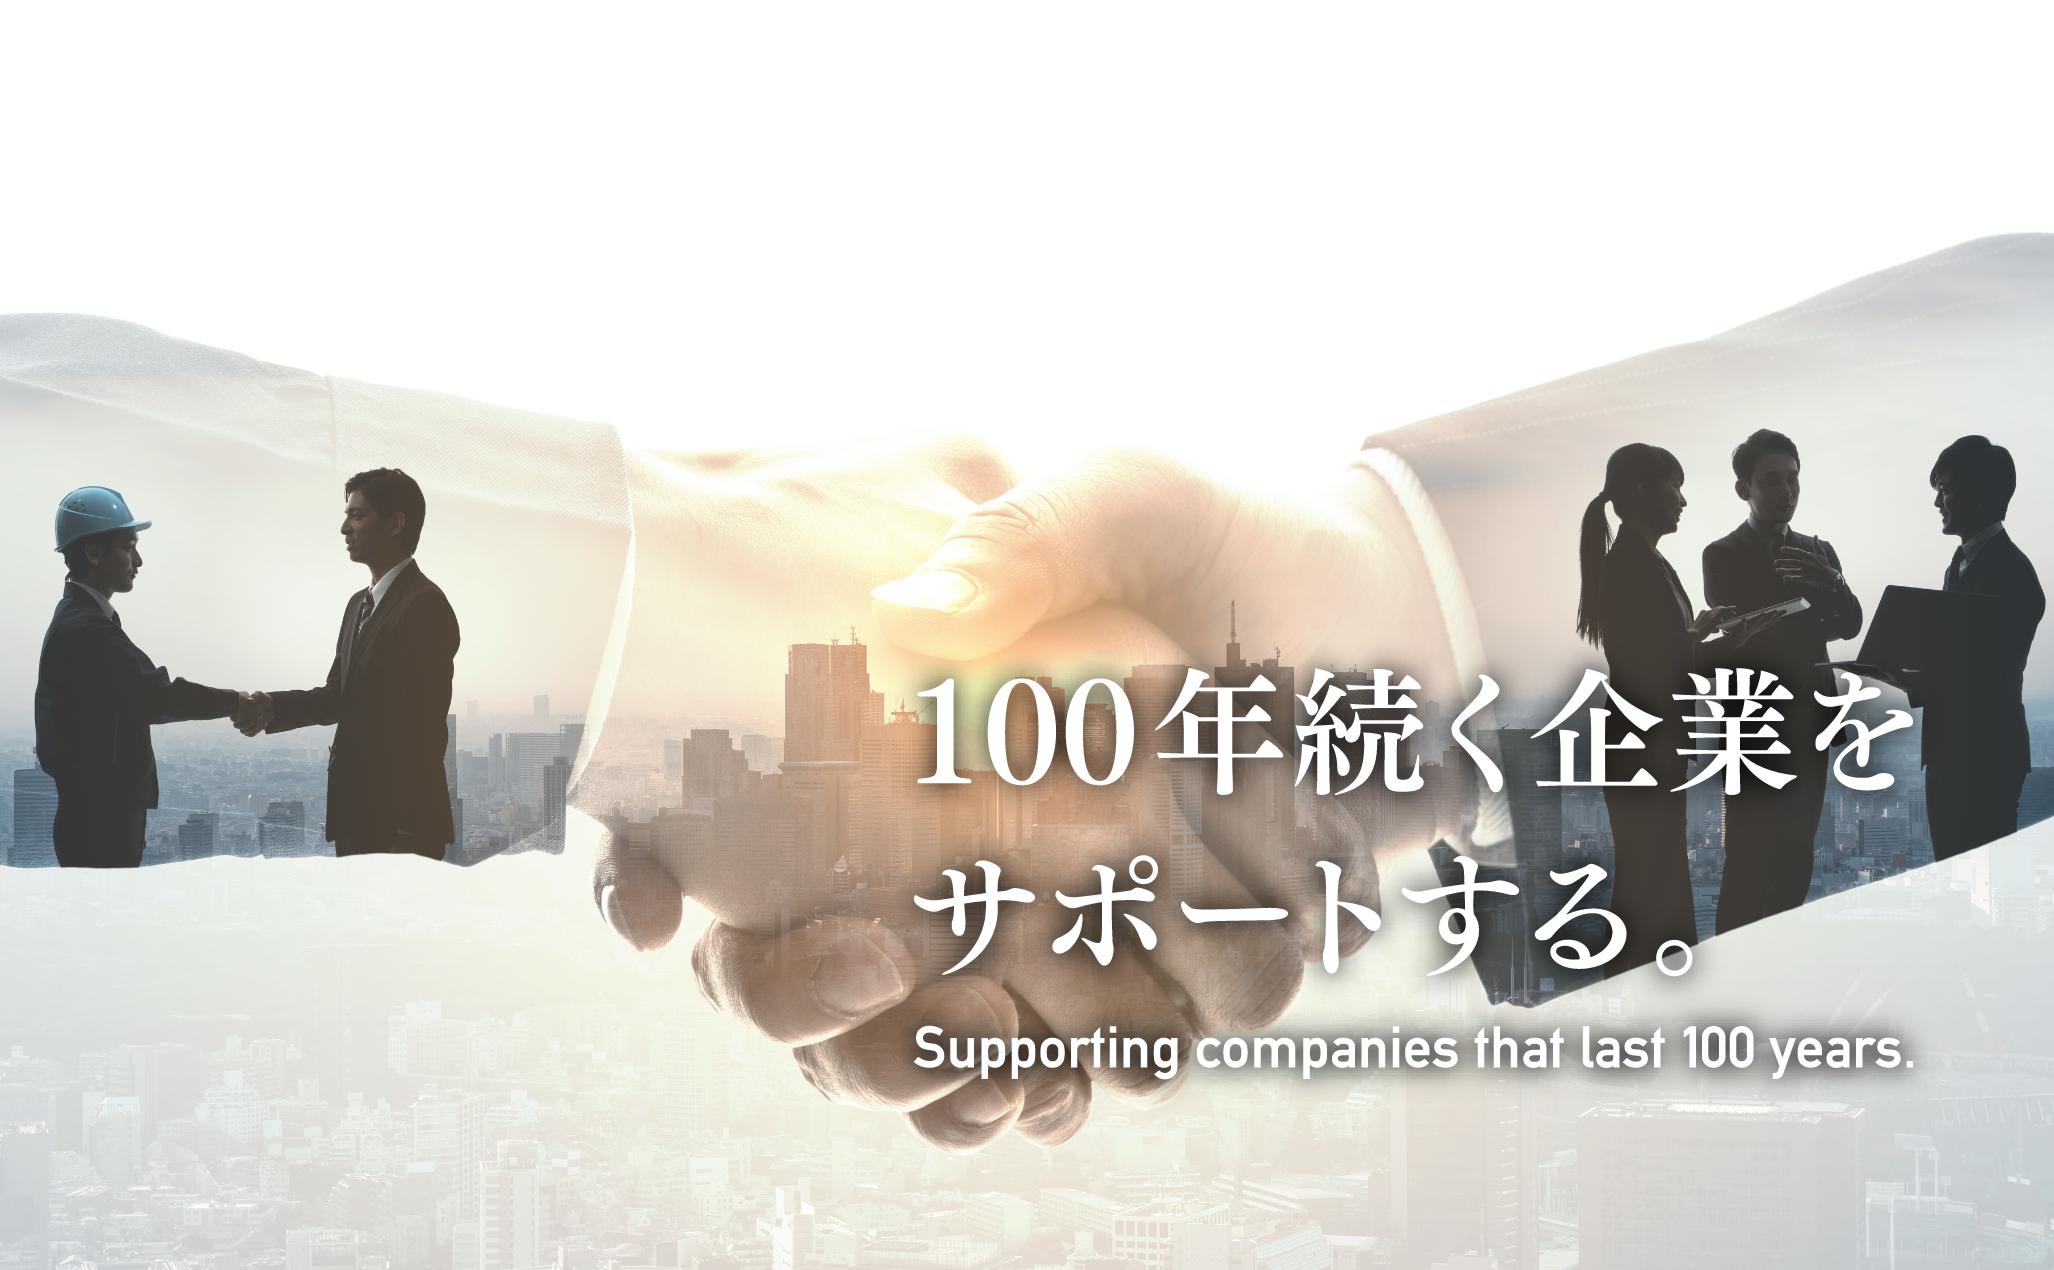 100年続く企業をサポートする。